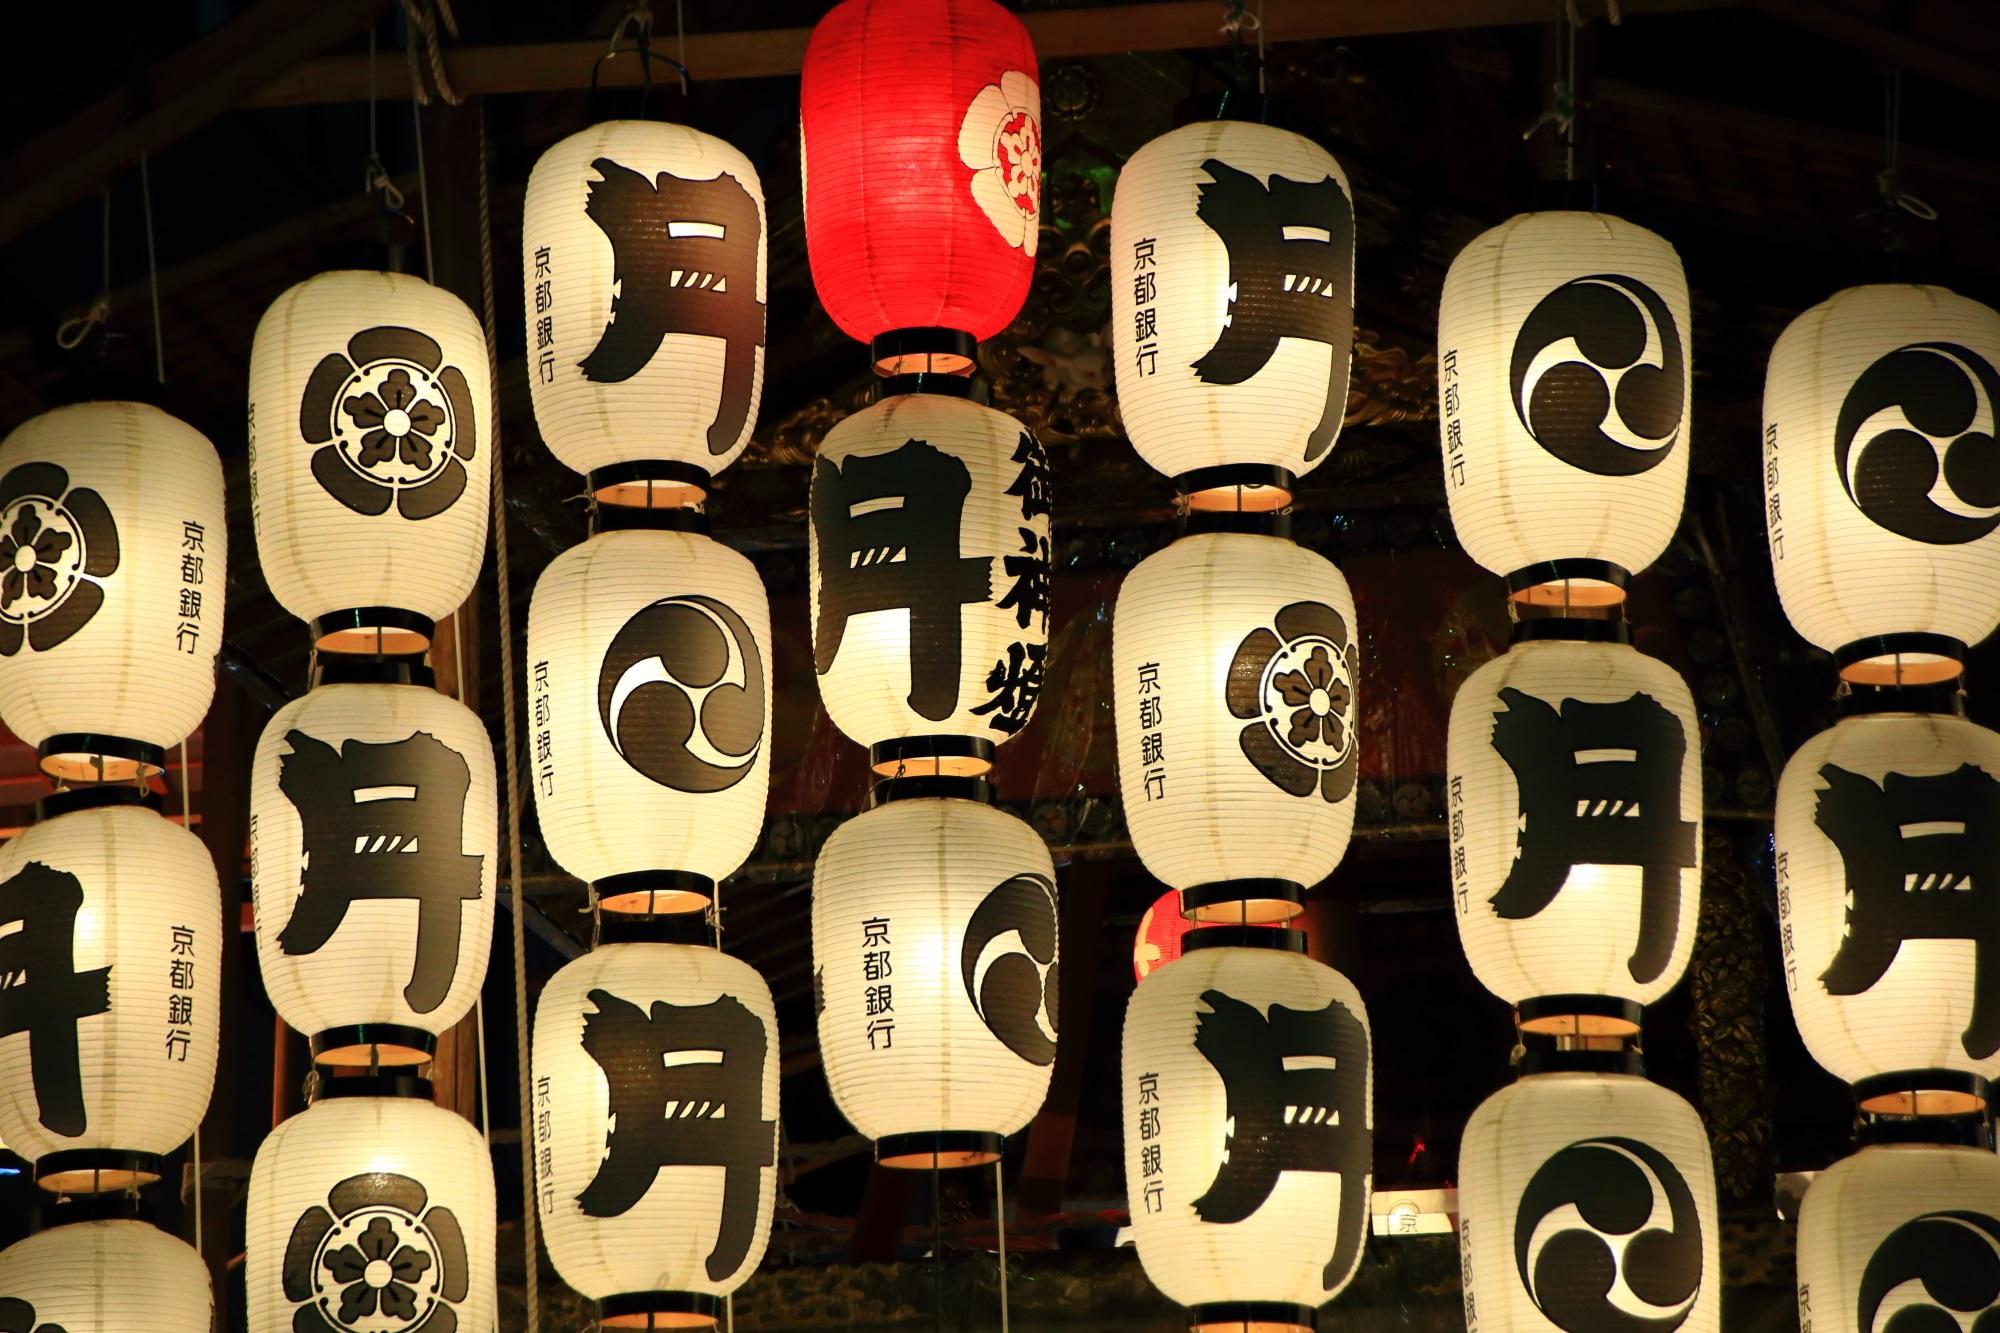 宵山 駒形提灯 祇園祭 月鉾 風情